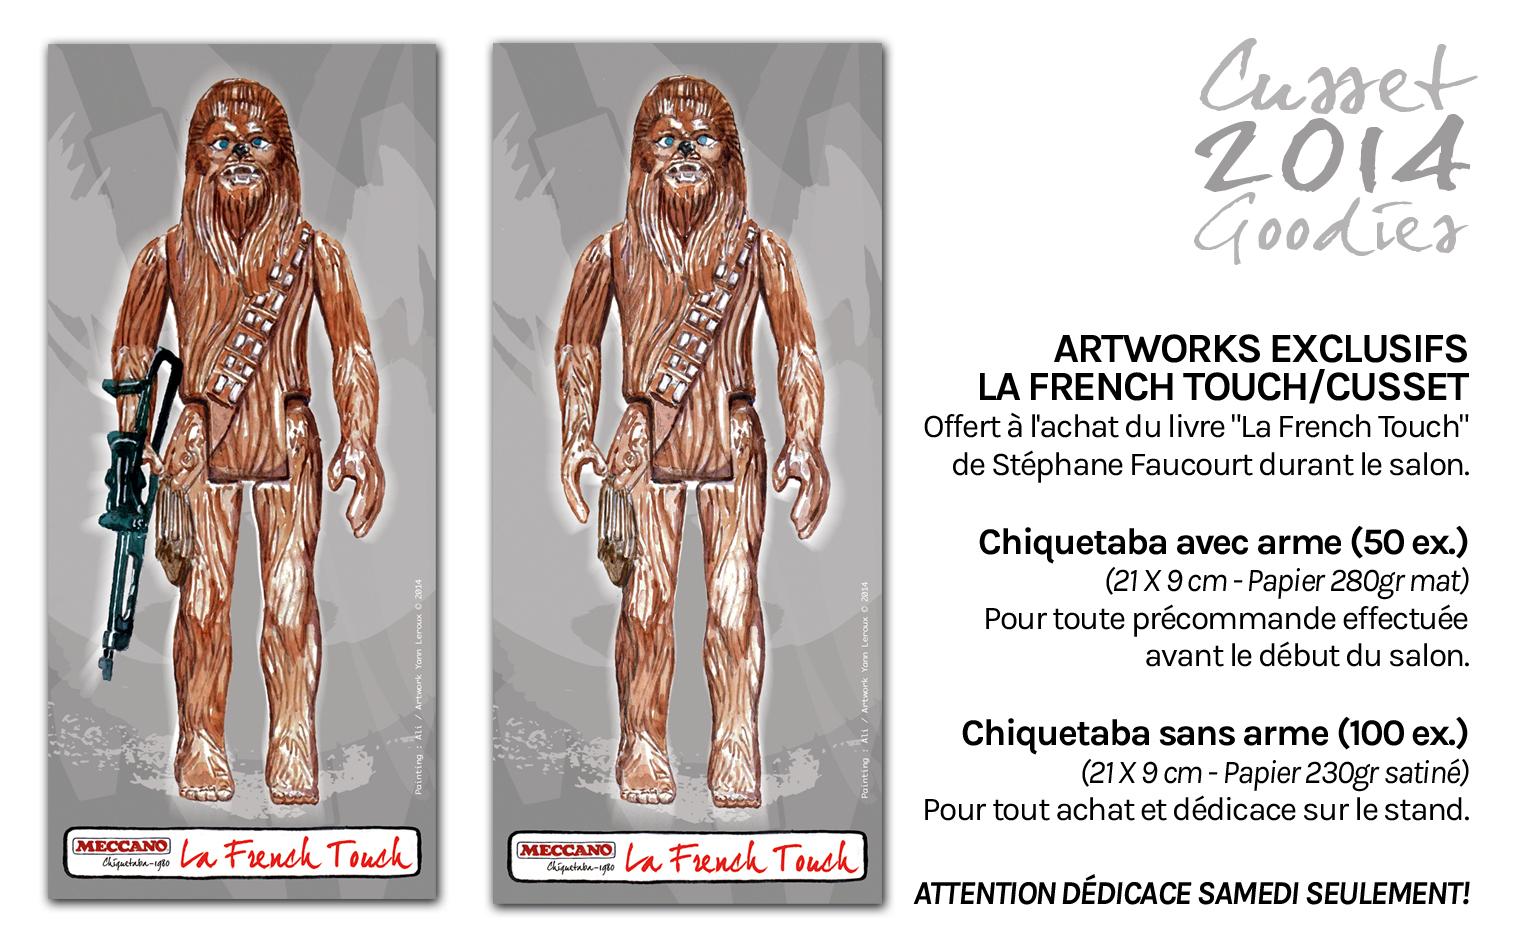 Flyer artwork Stéphane Faucourt